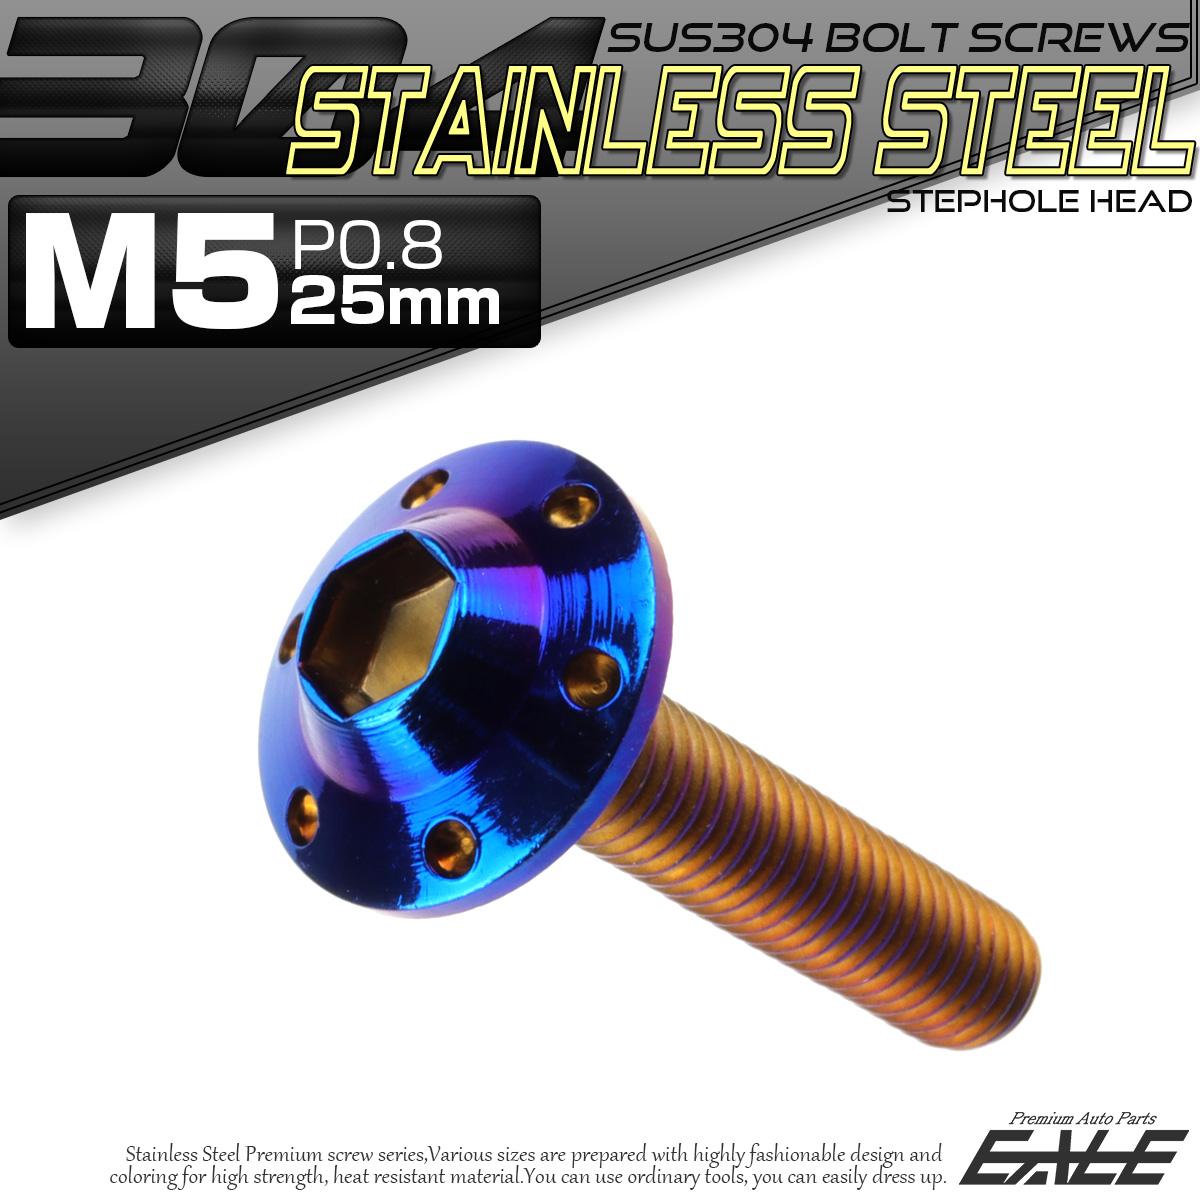 SUS304 フランジ付 ボタンボルト M5×25mm P0.8 六角穴  焼きチタン ステップホールヘッド ステンレス製 TR0203